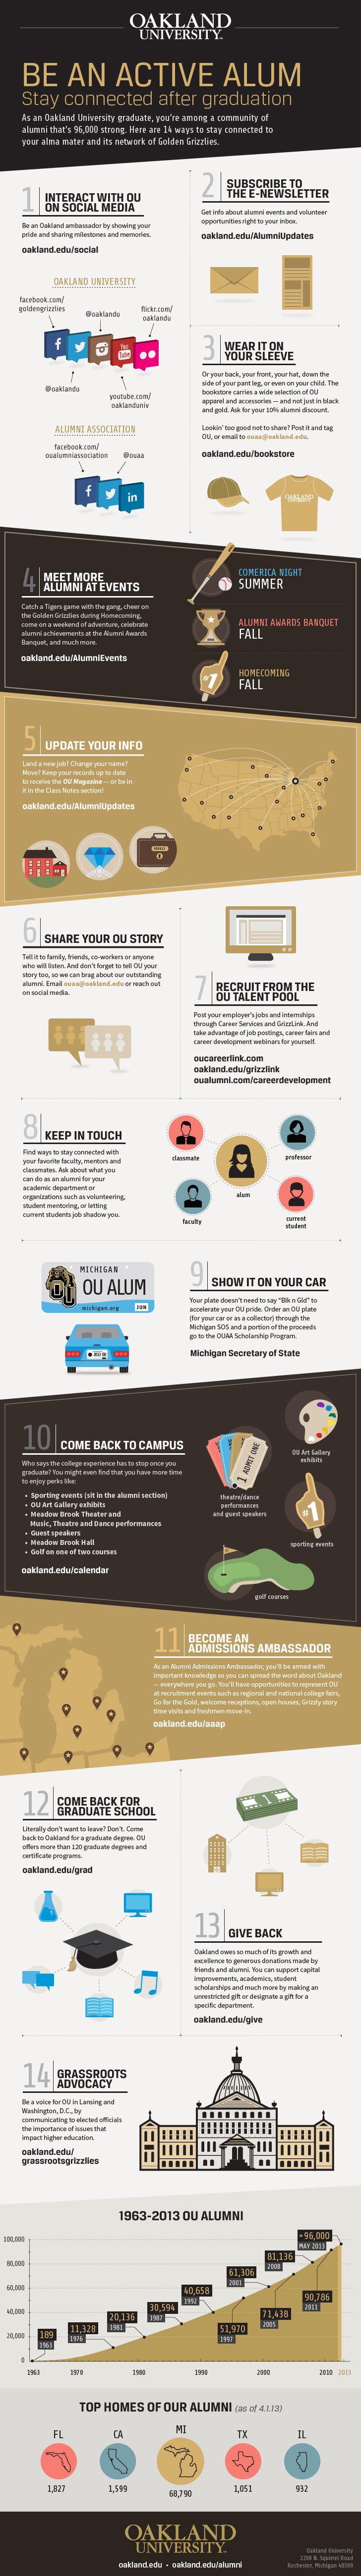 Alumni engagement at oakland alumni event ideas alumni